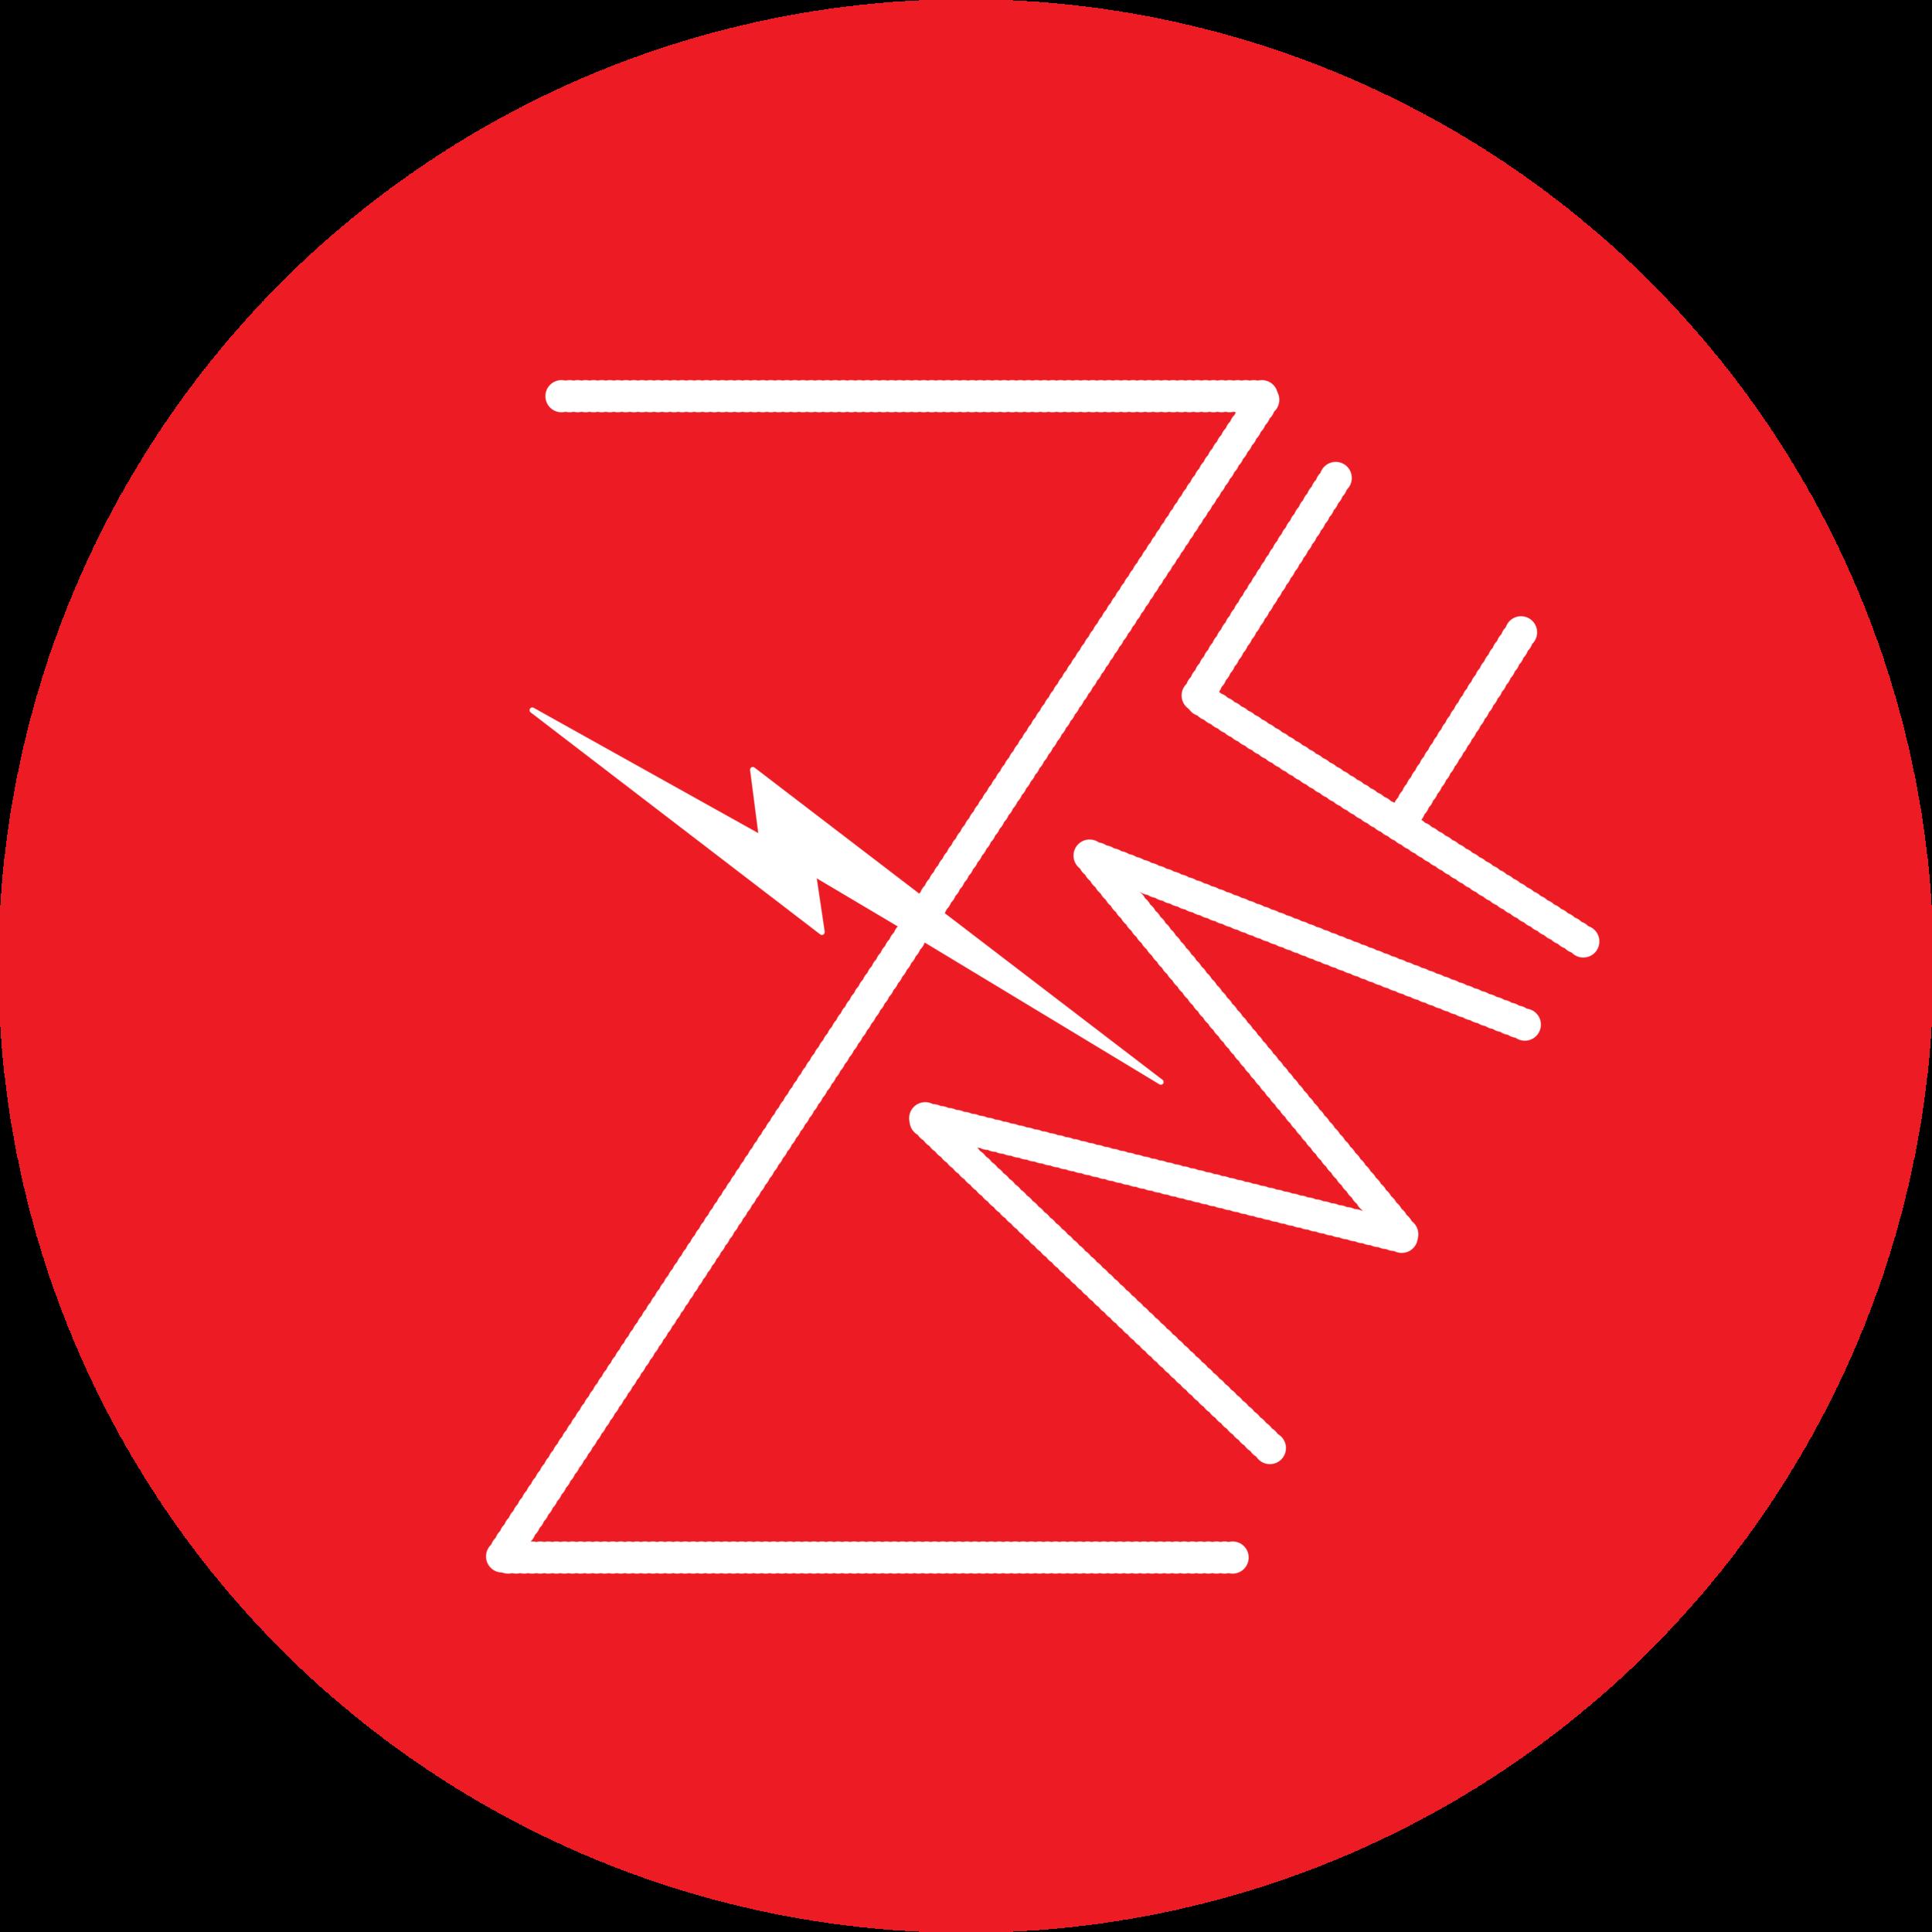 ZMF_Headphones (1).png